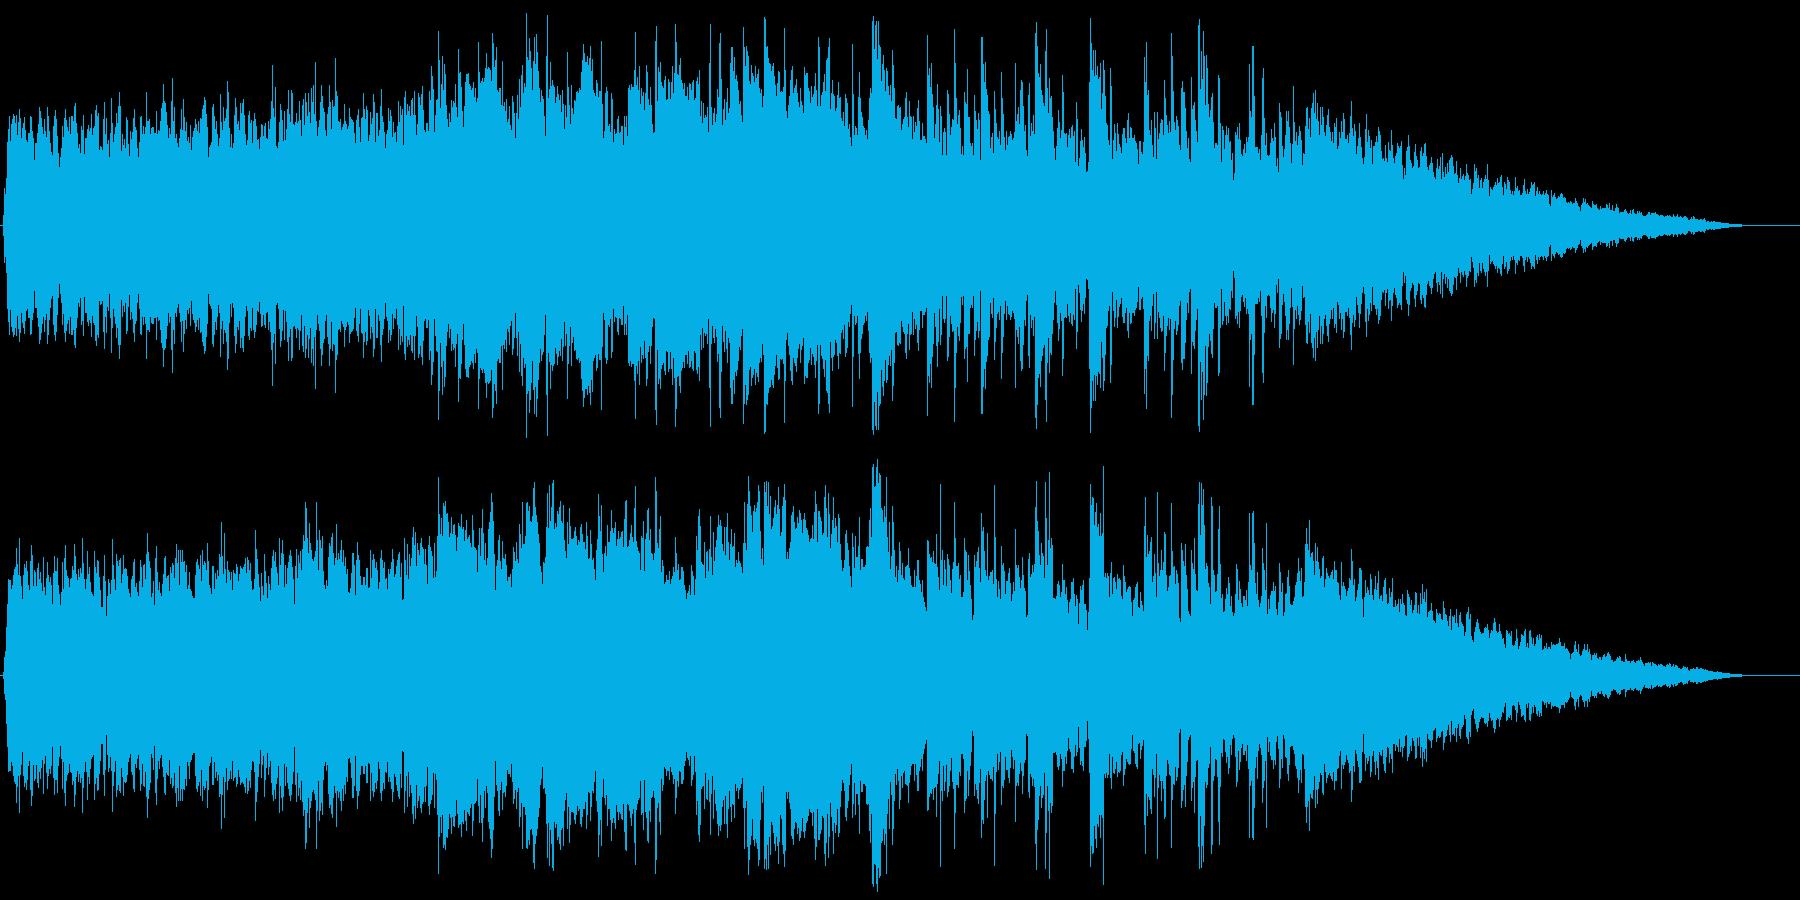 クールで広がりのあるBGMの再生済みの波形